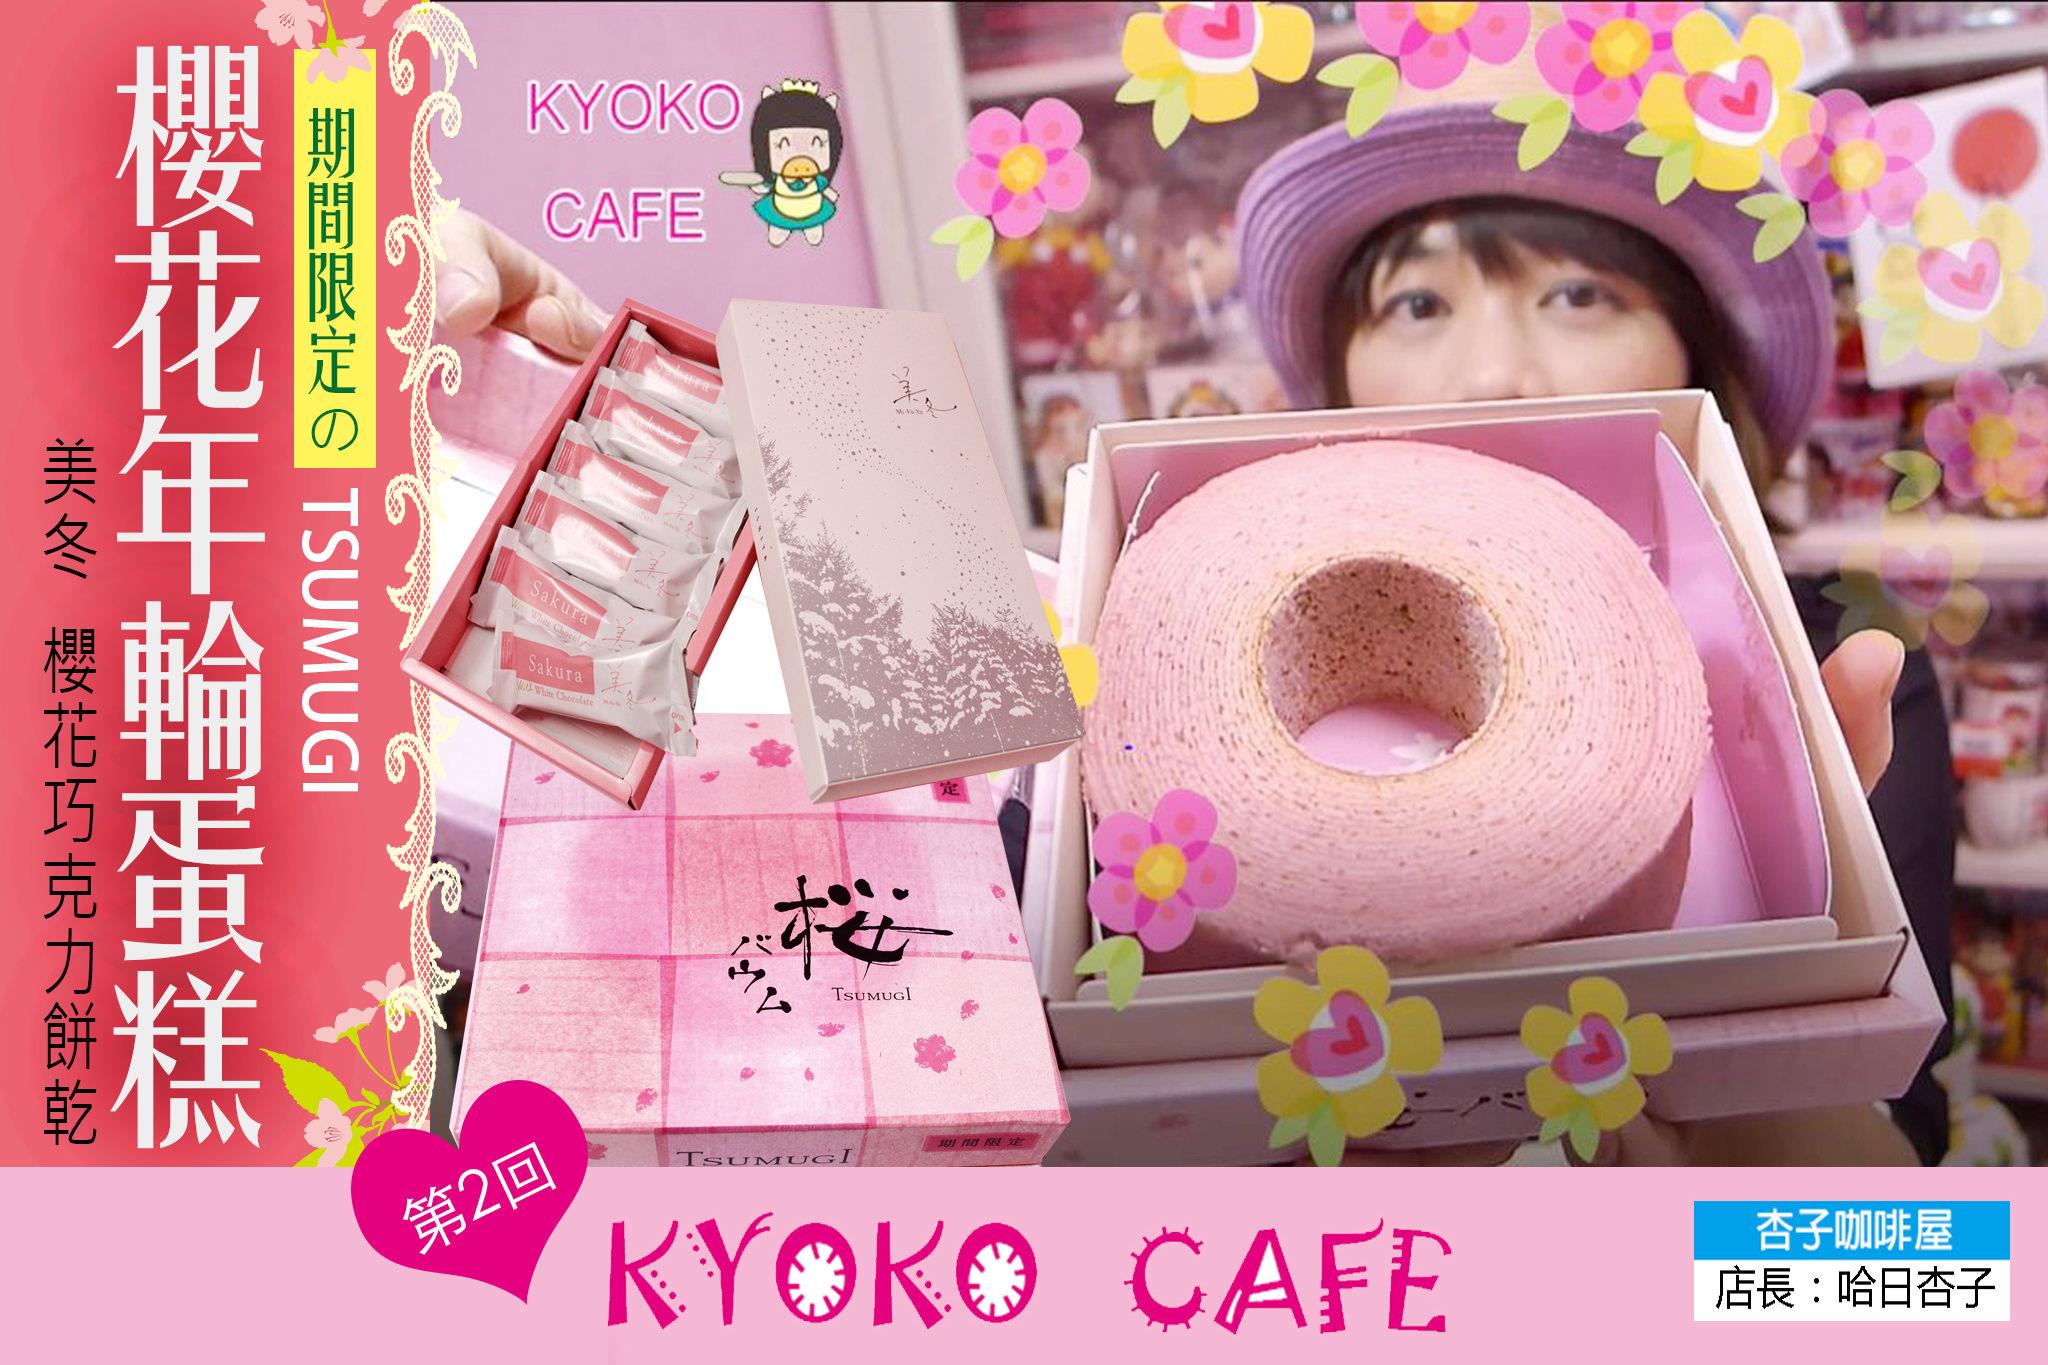 櫻花甜點   春季限定*TSUMUGI 櫻花年輪蛋糕&美冬櫻花巧克力